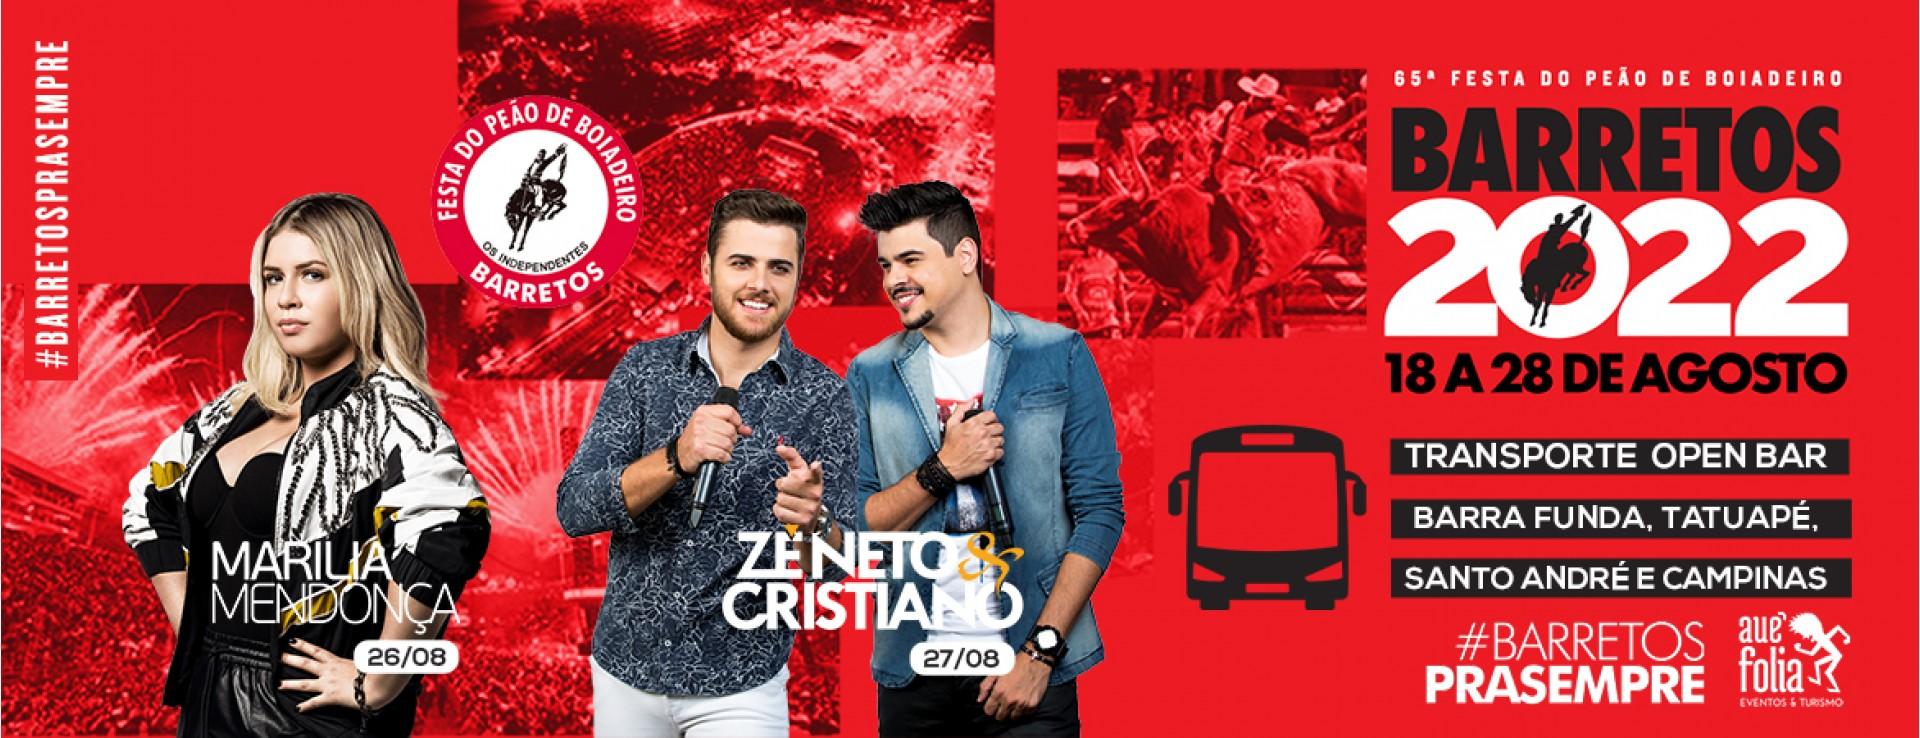 Barretos 2022 - Zé Neto e Cristiano